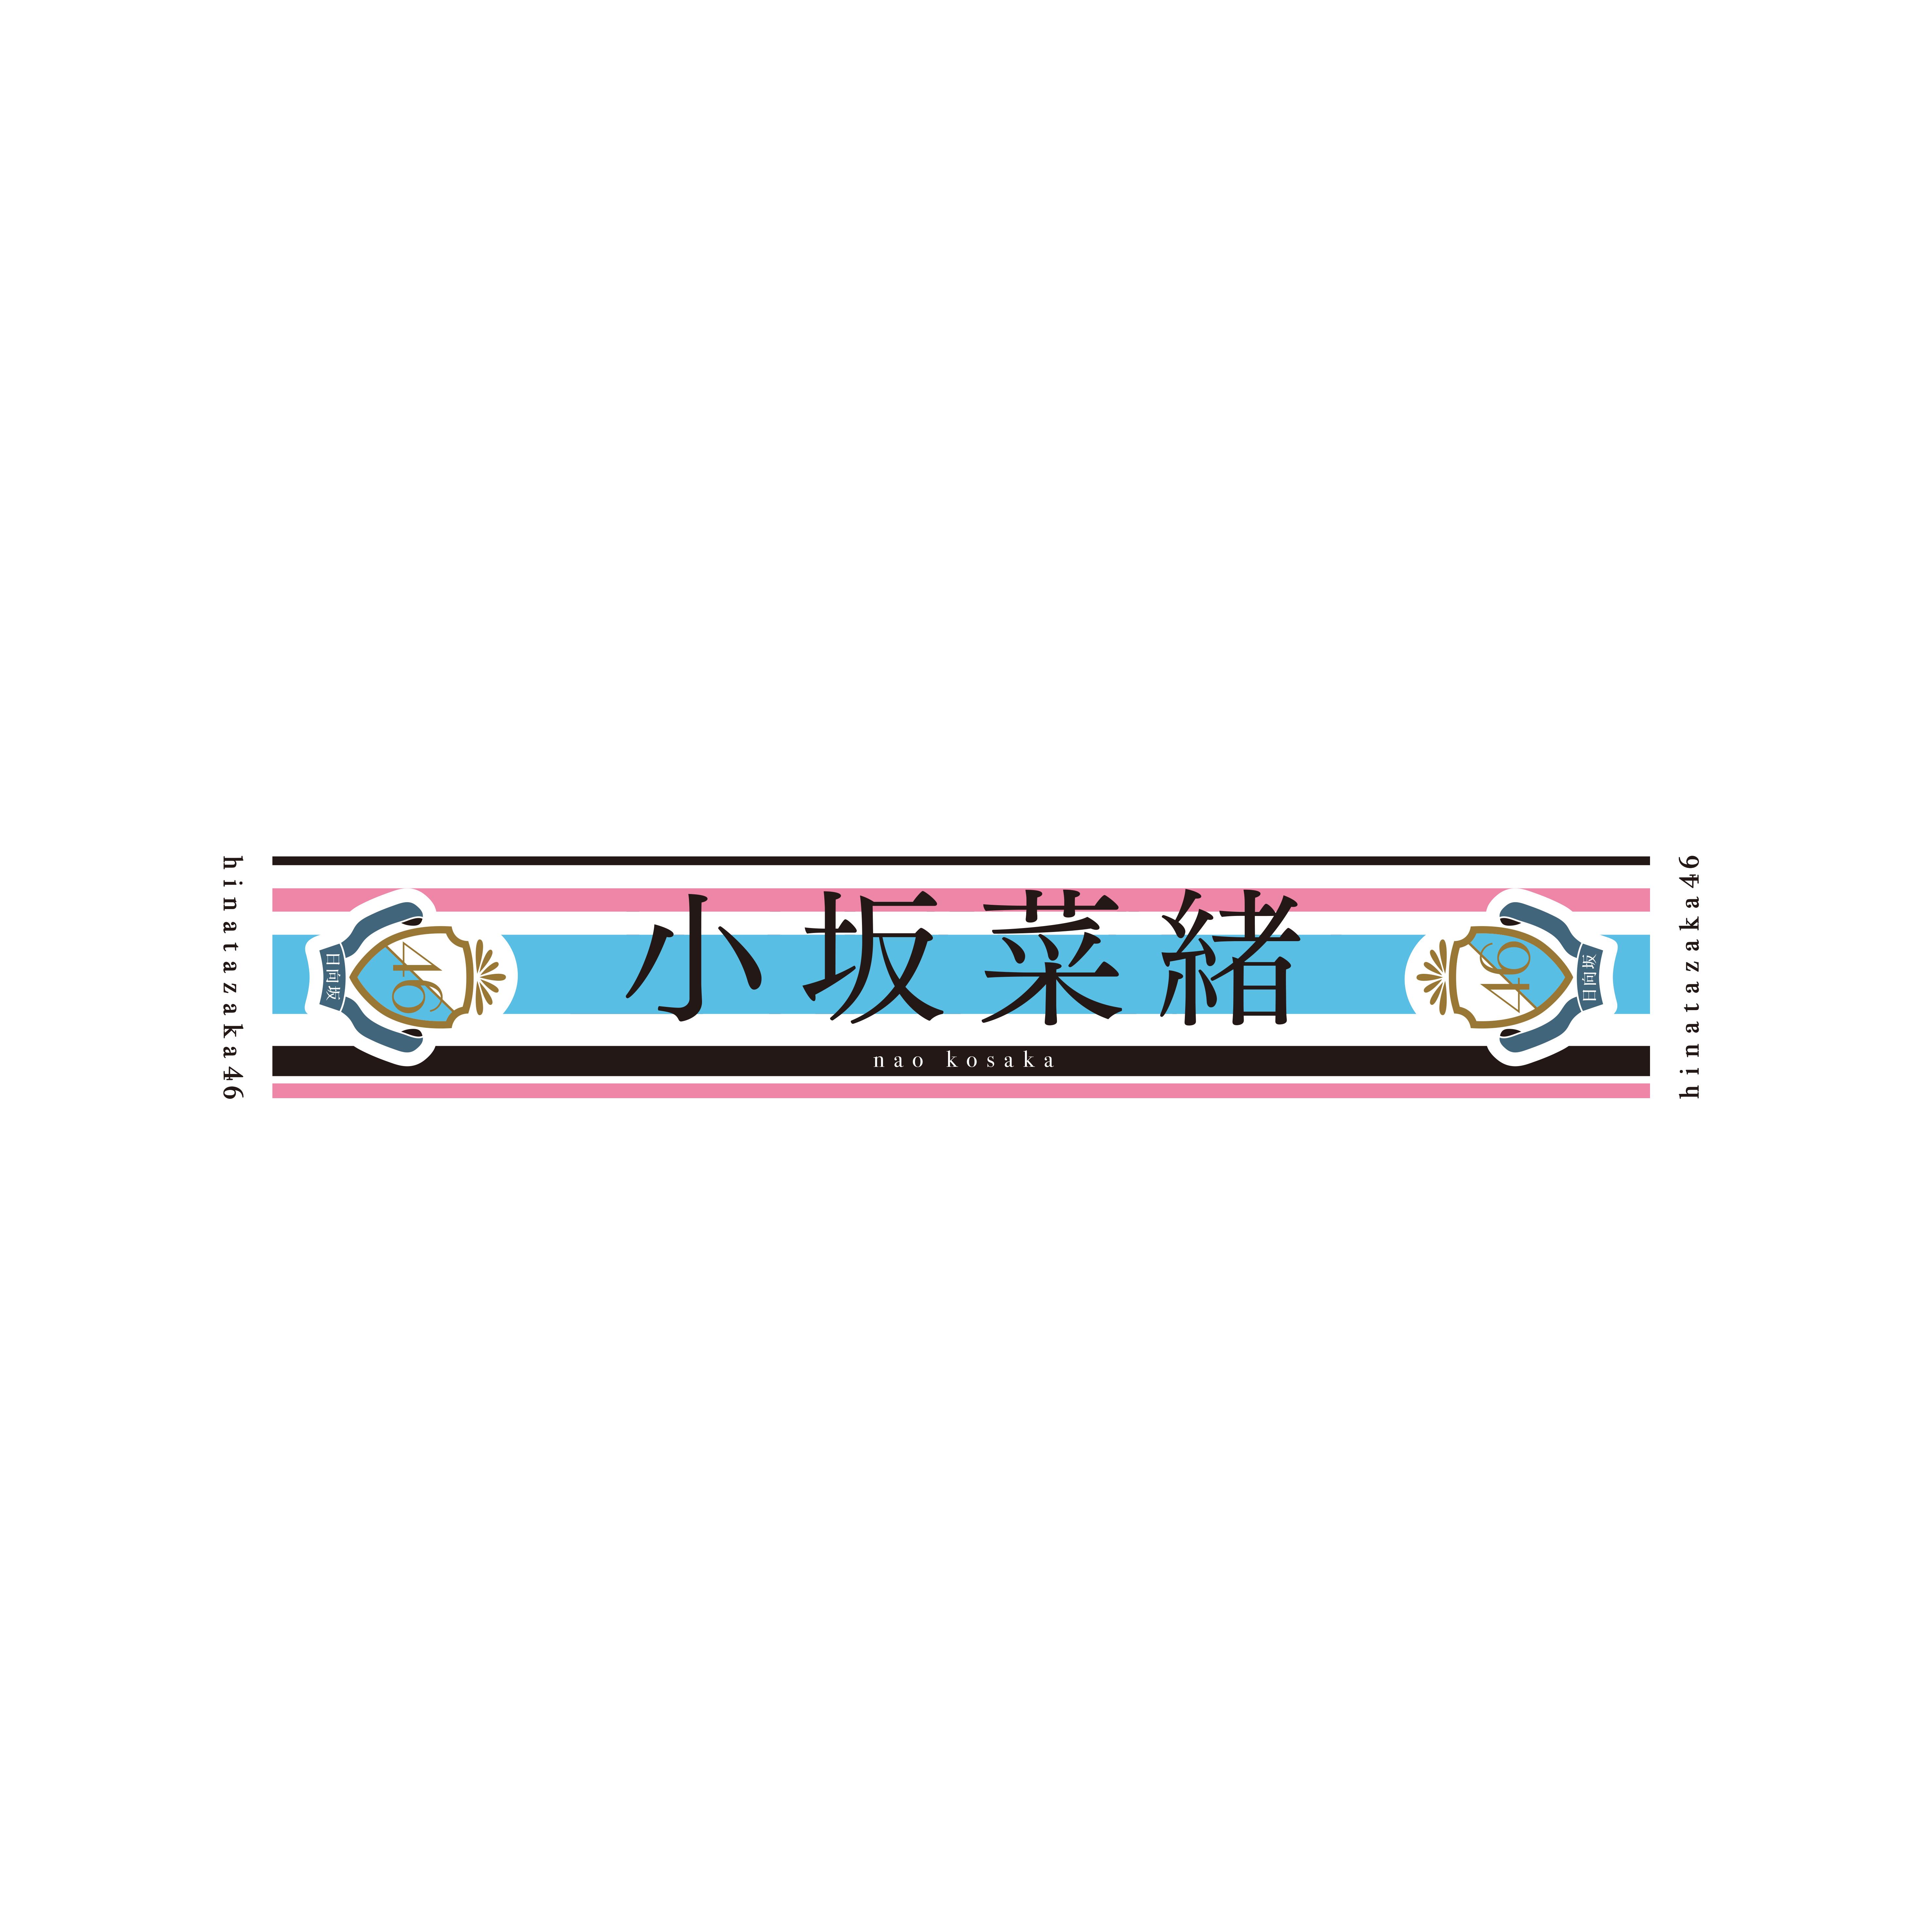 【通常配送】日向坂46 デビューシングル推しメンマフラータオル 小坂菜緒